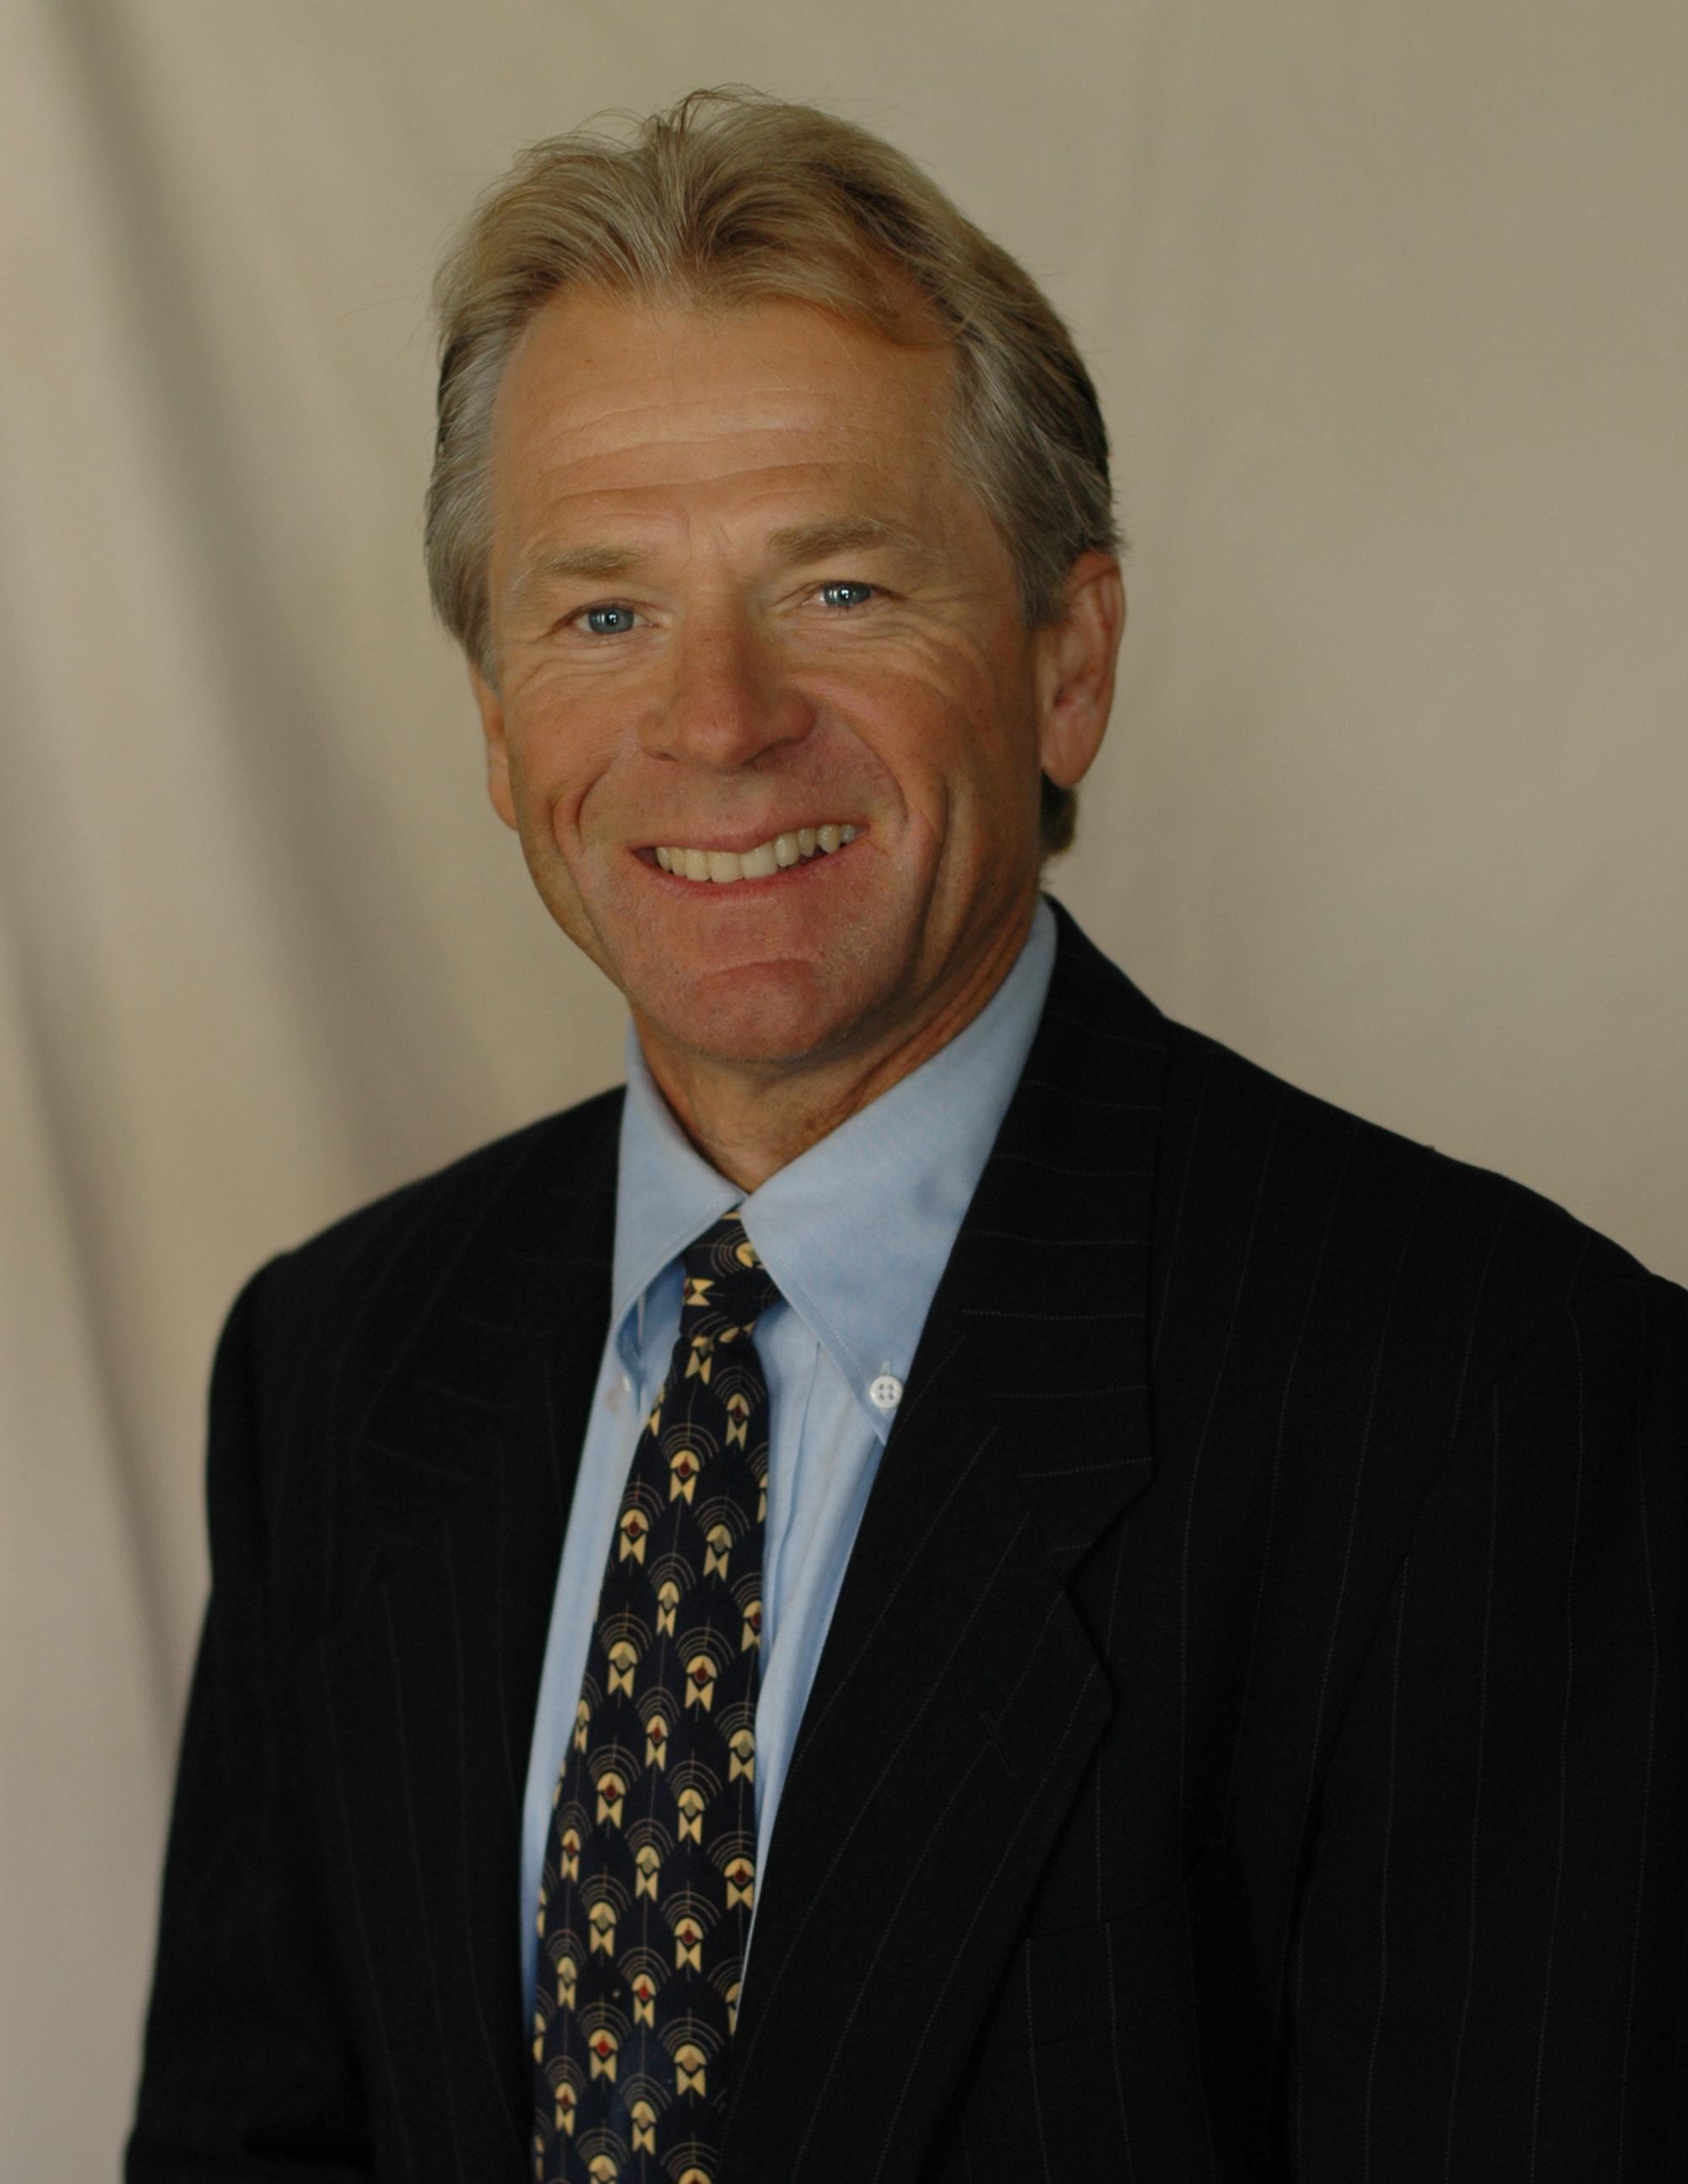 o professor Peter Navarro, da Universidade da Califórnia em Irvine.